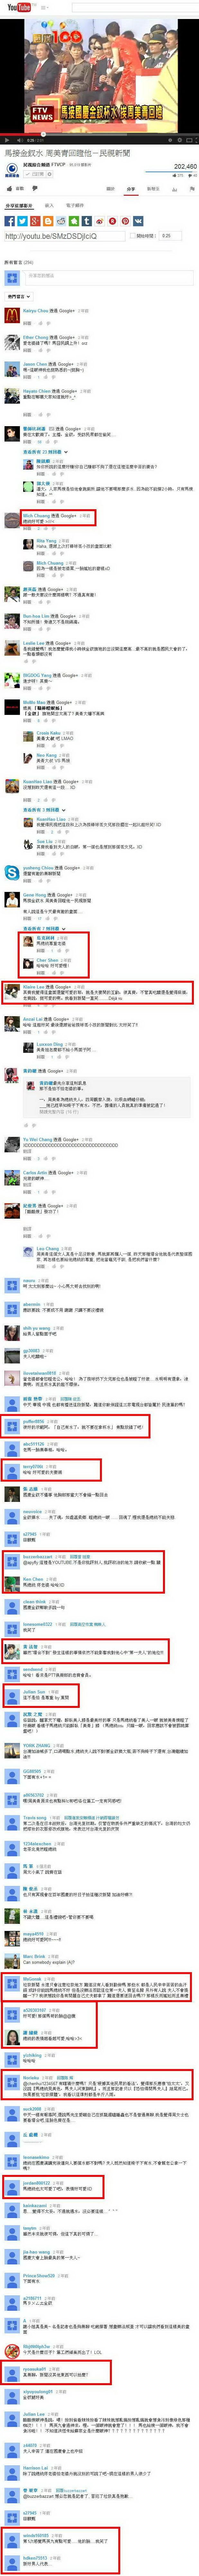 馬接金釵水 周美青回瞪他-民視新聞 .2012.10.19-01.jpg